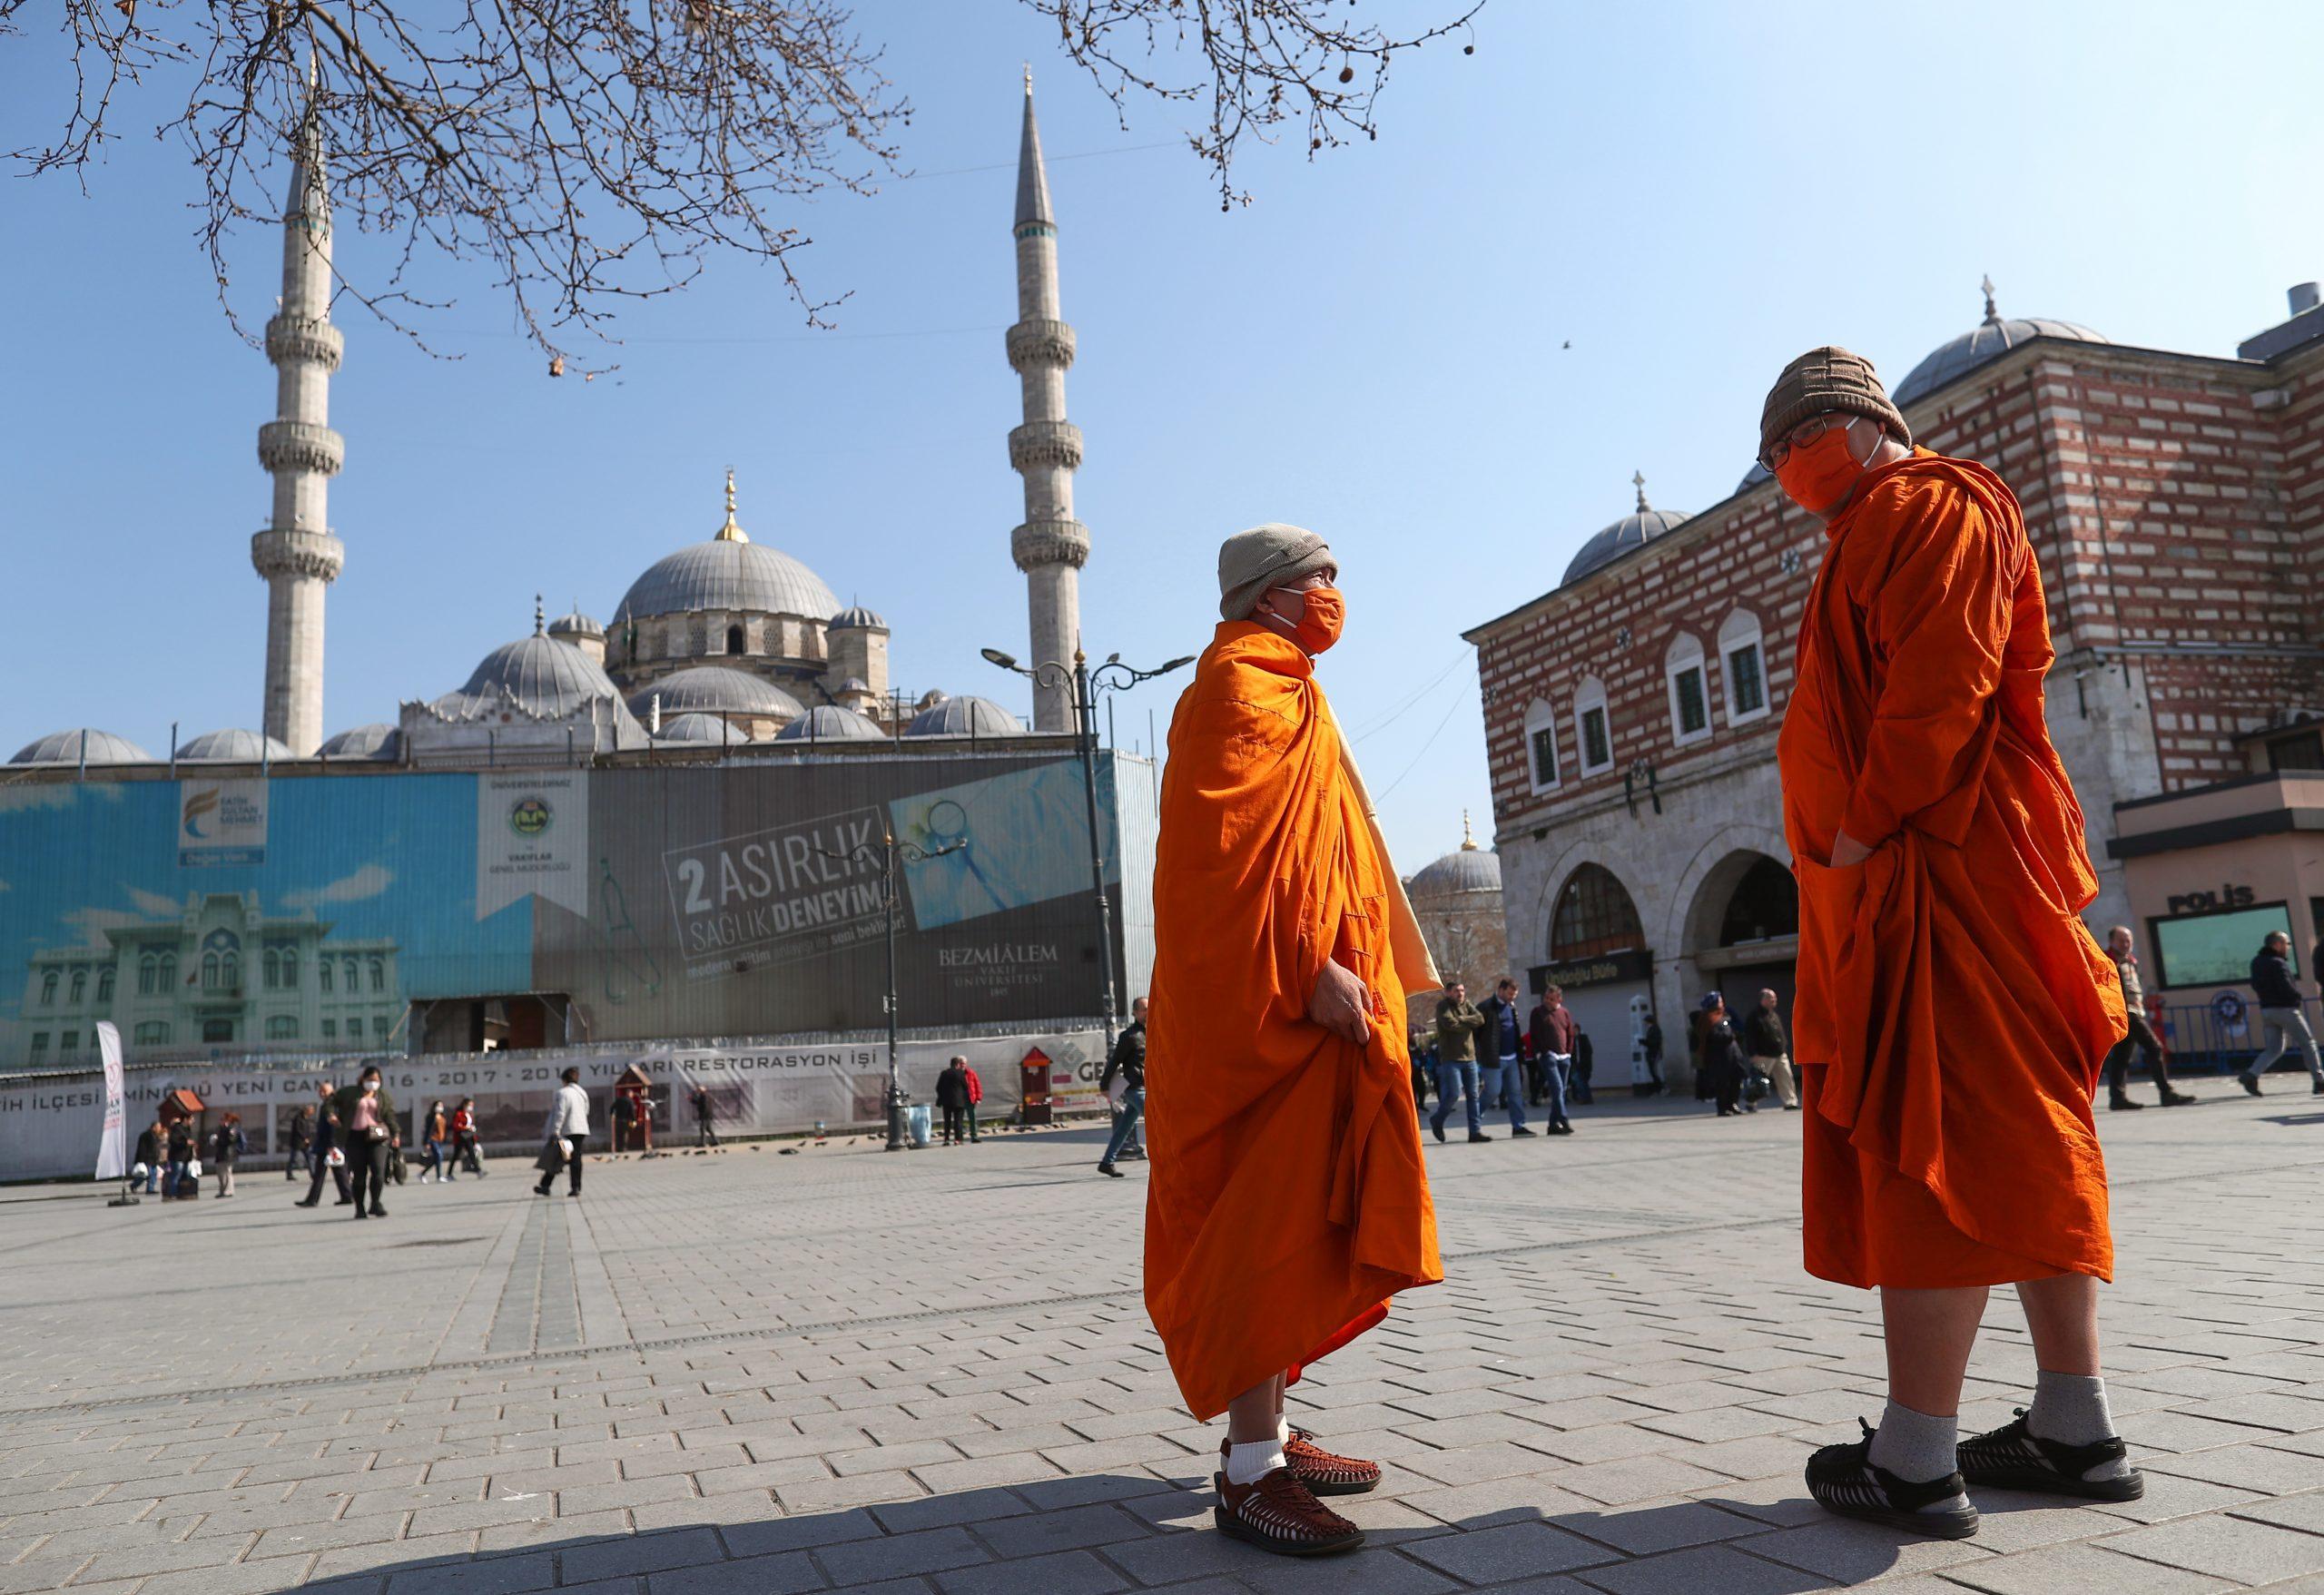 Πόσοι θάνατοι είναι επίσημα καταγεγραμμένοι στην Τουρκία από κορωνοϊό;